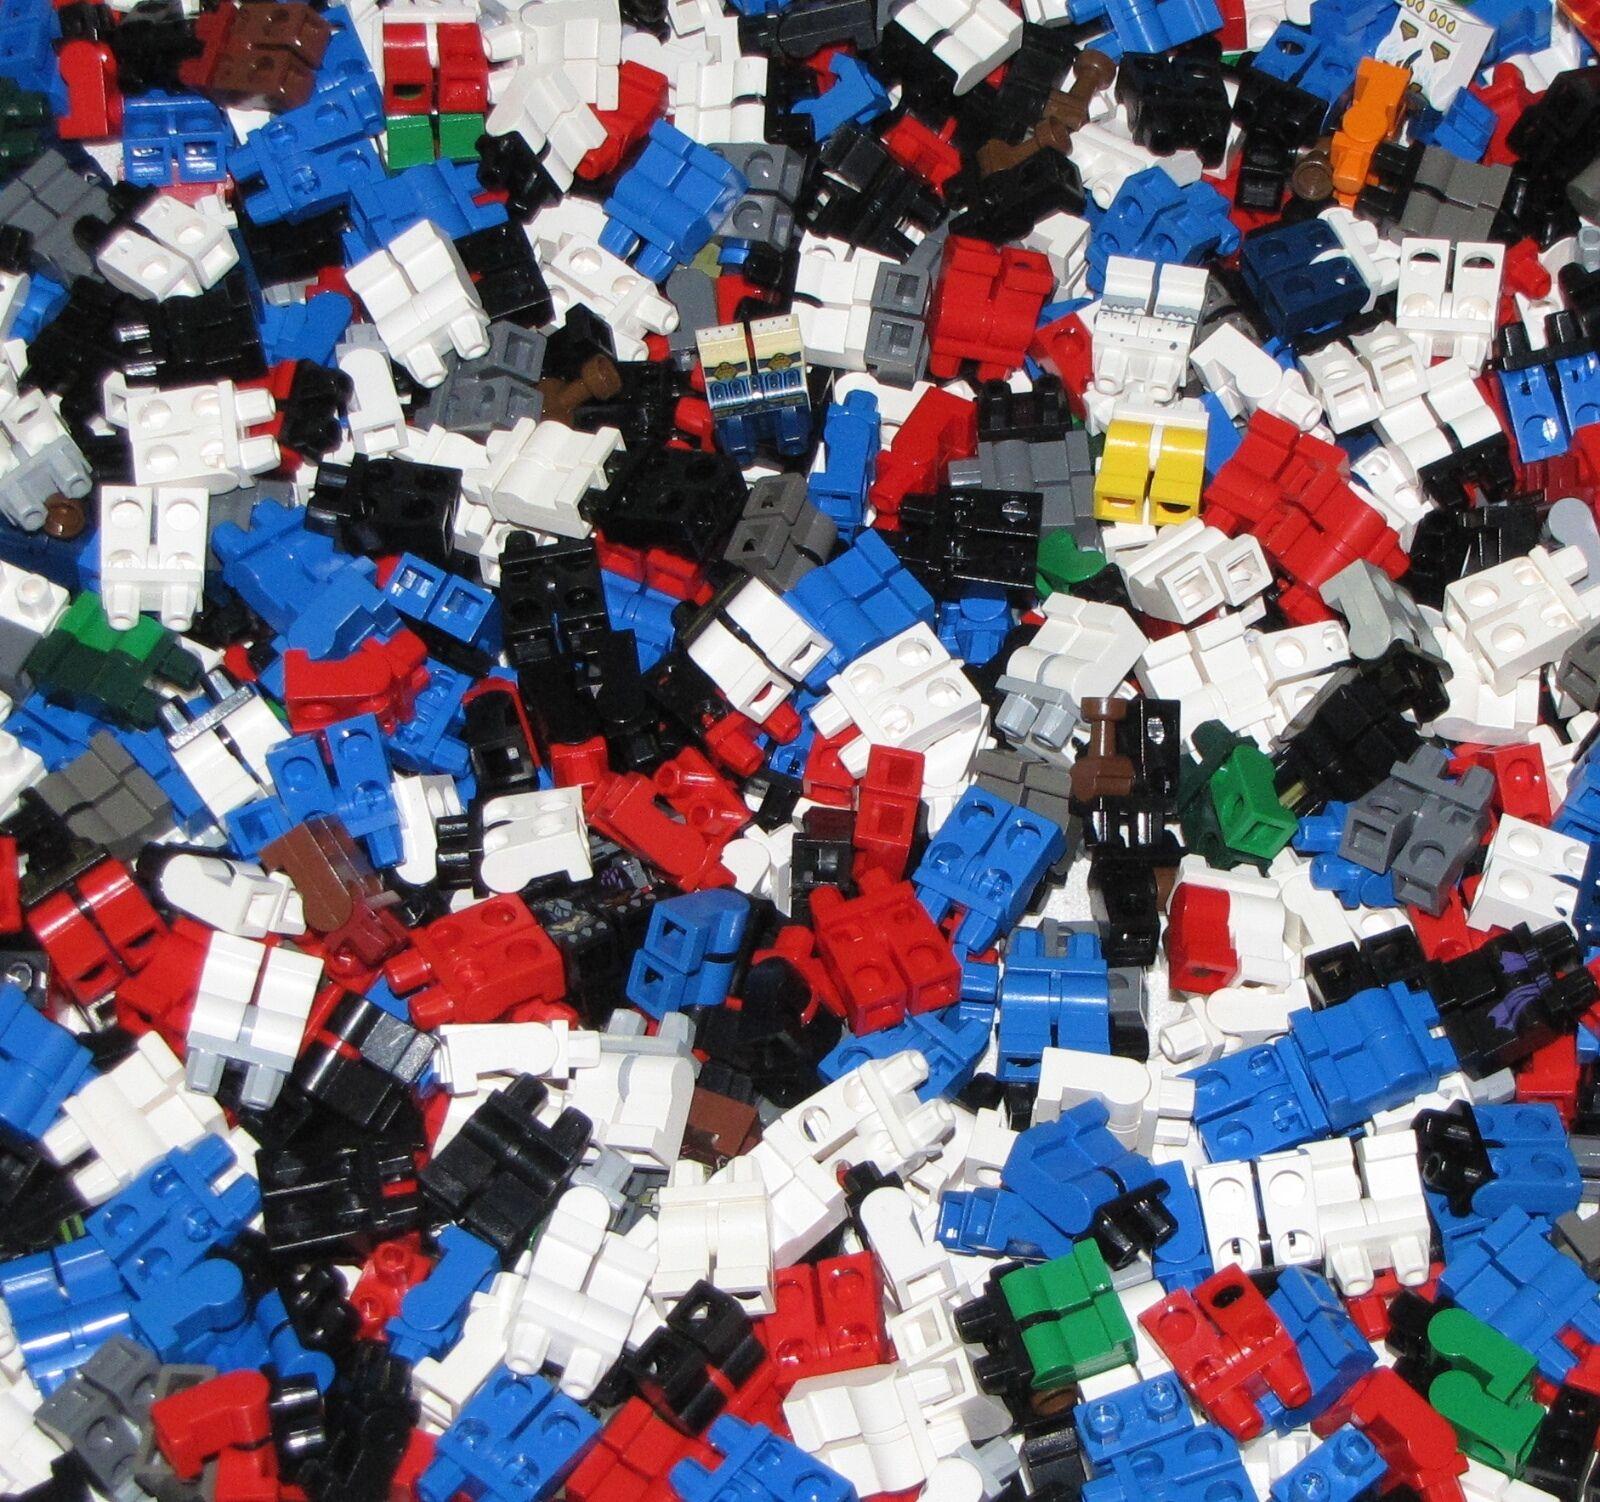 Lego Lote a granel de 500 Pantalones De Piernas Minifigura Minifigura ciudad ciudad figura partes del cuerpo